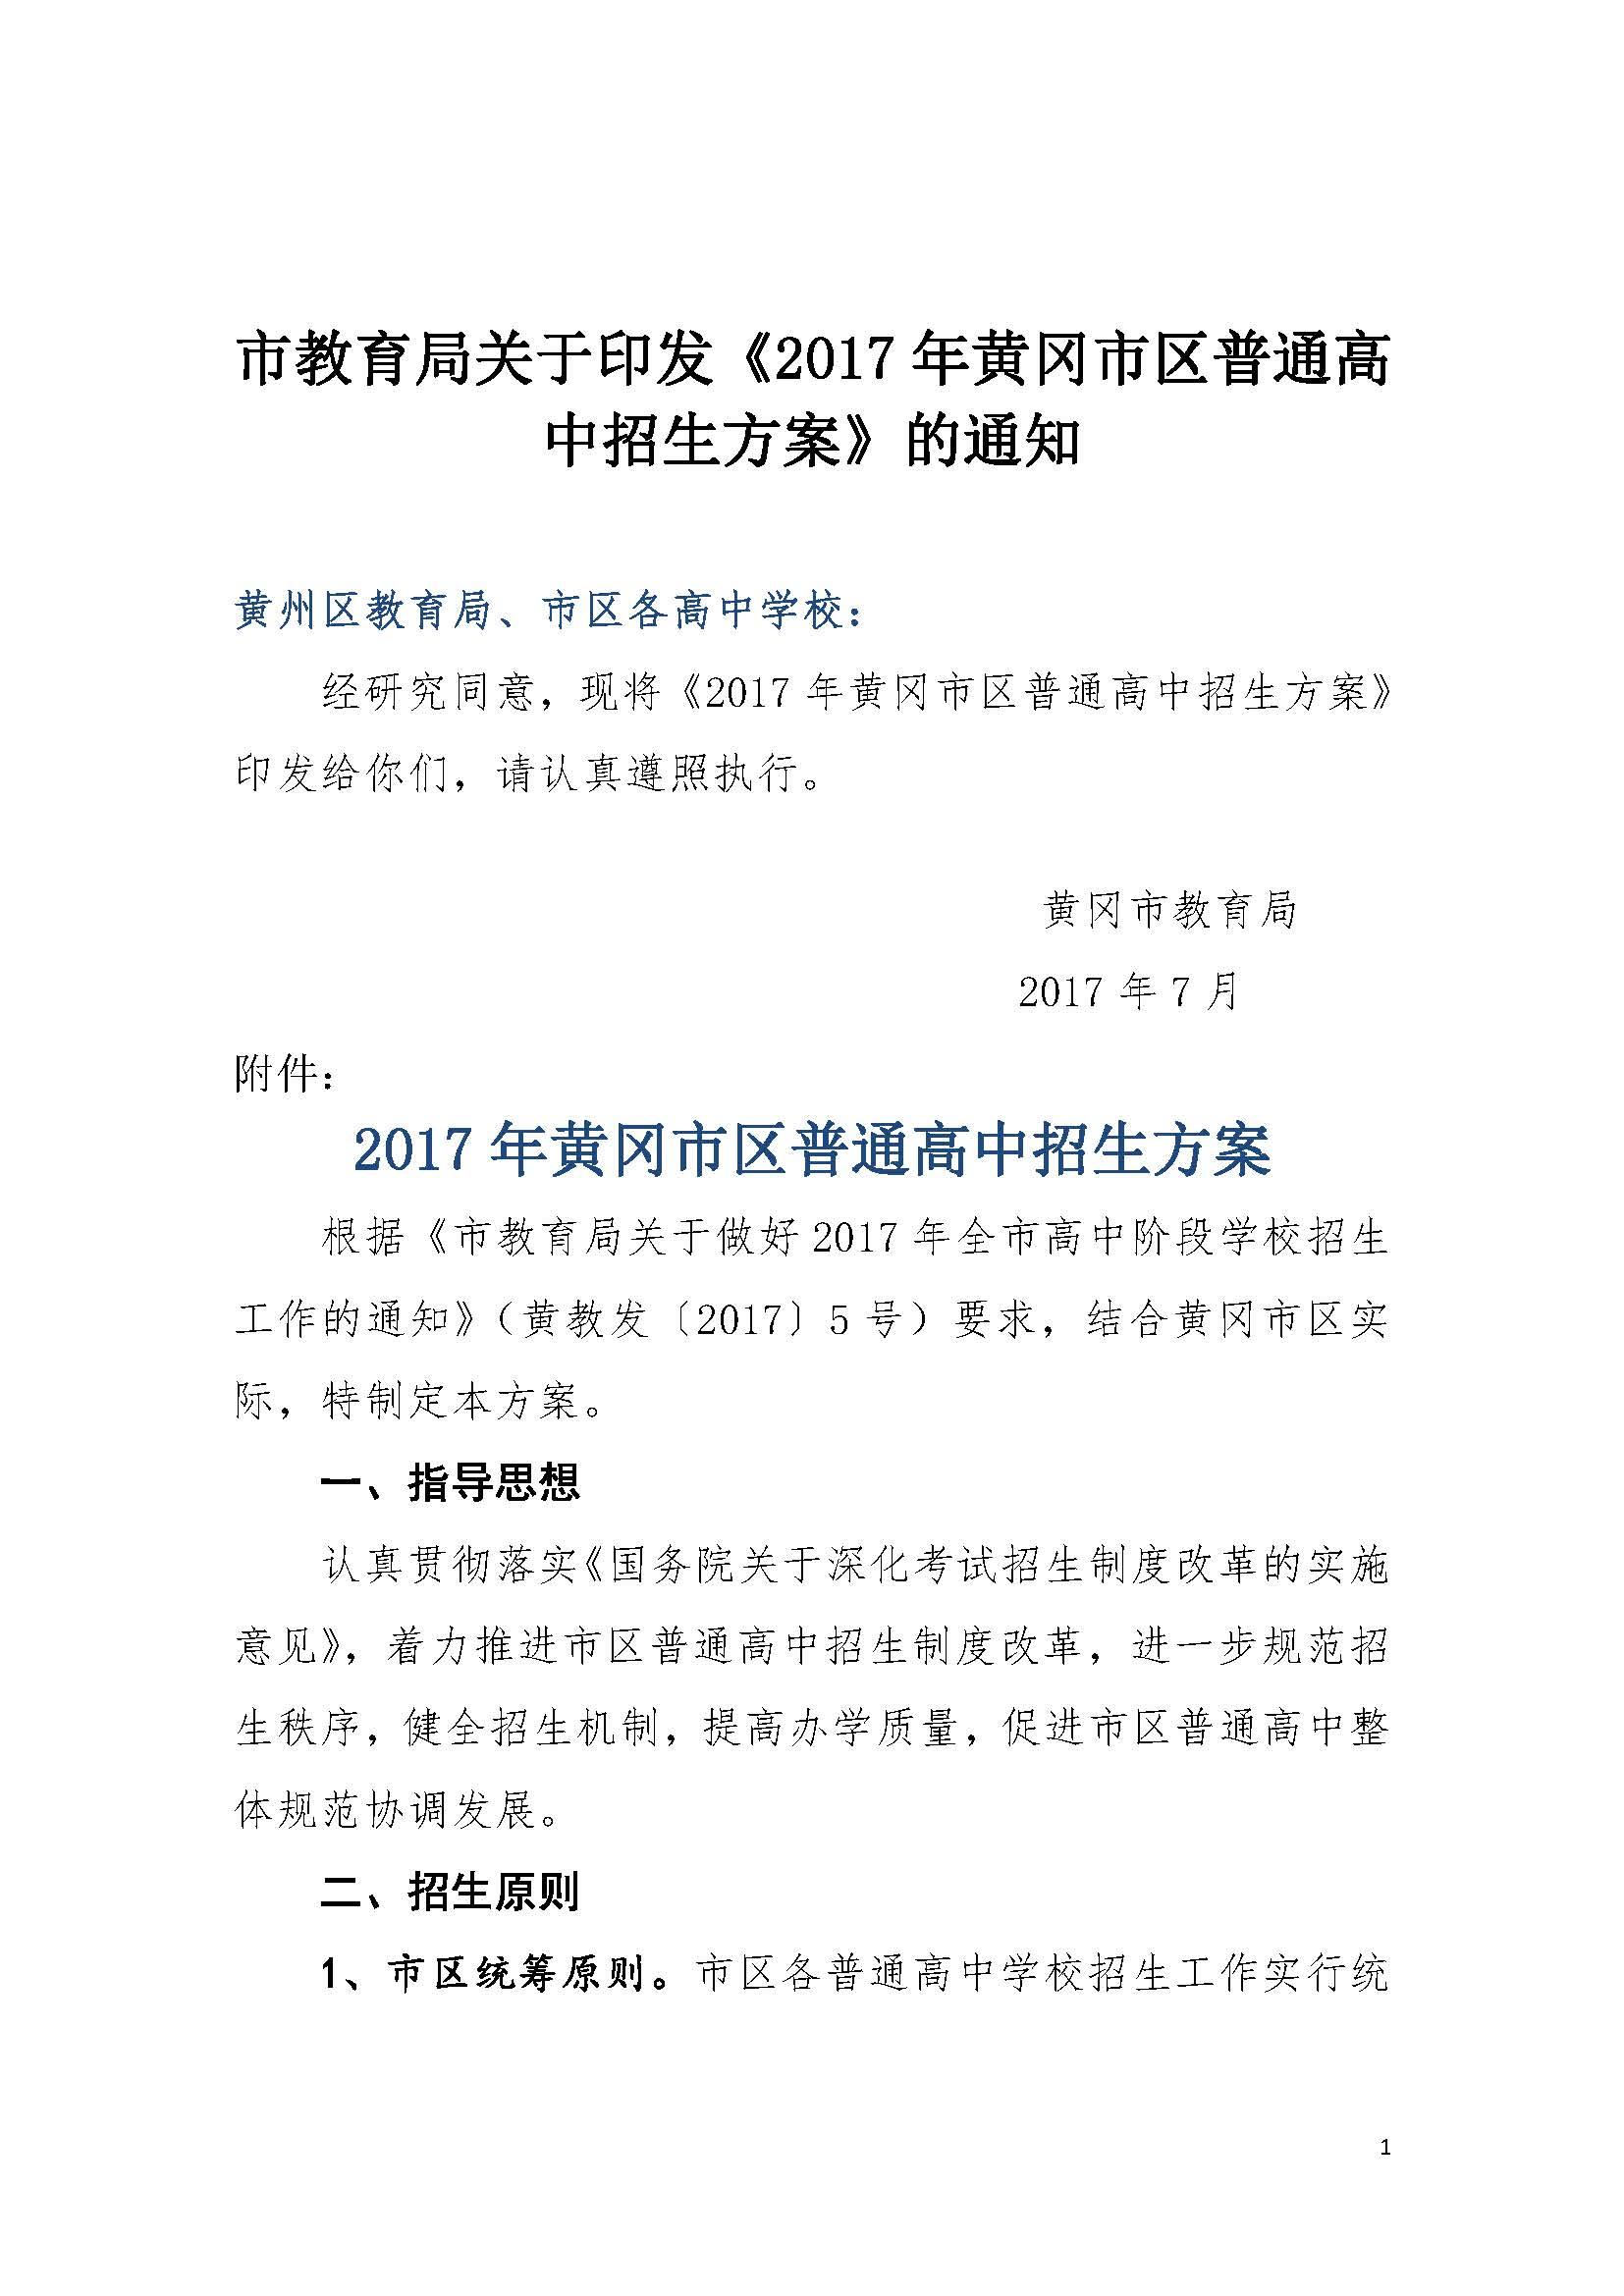 2018黄冈市区普通高中中考招生方案公告